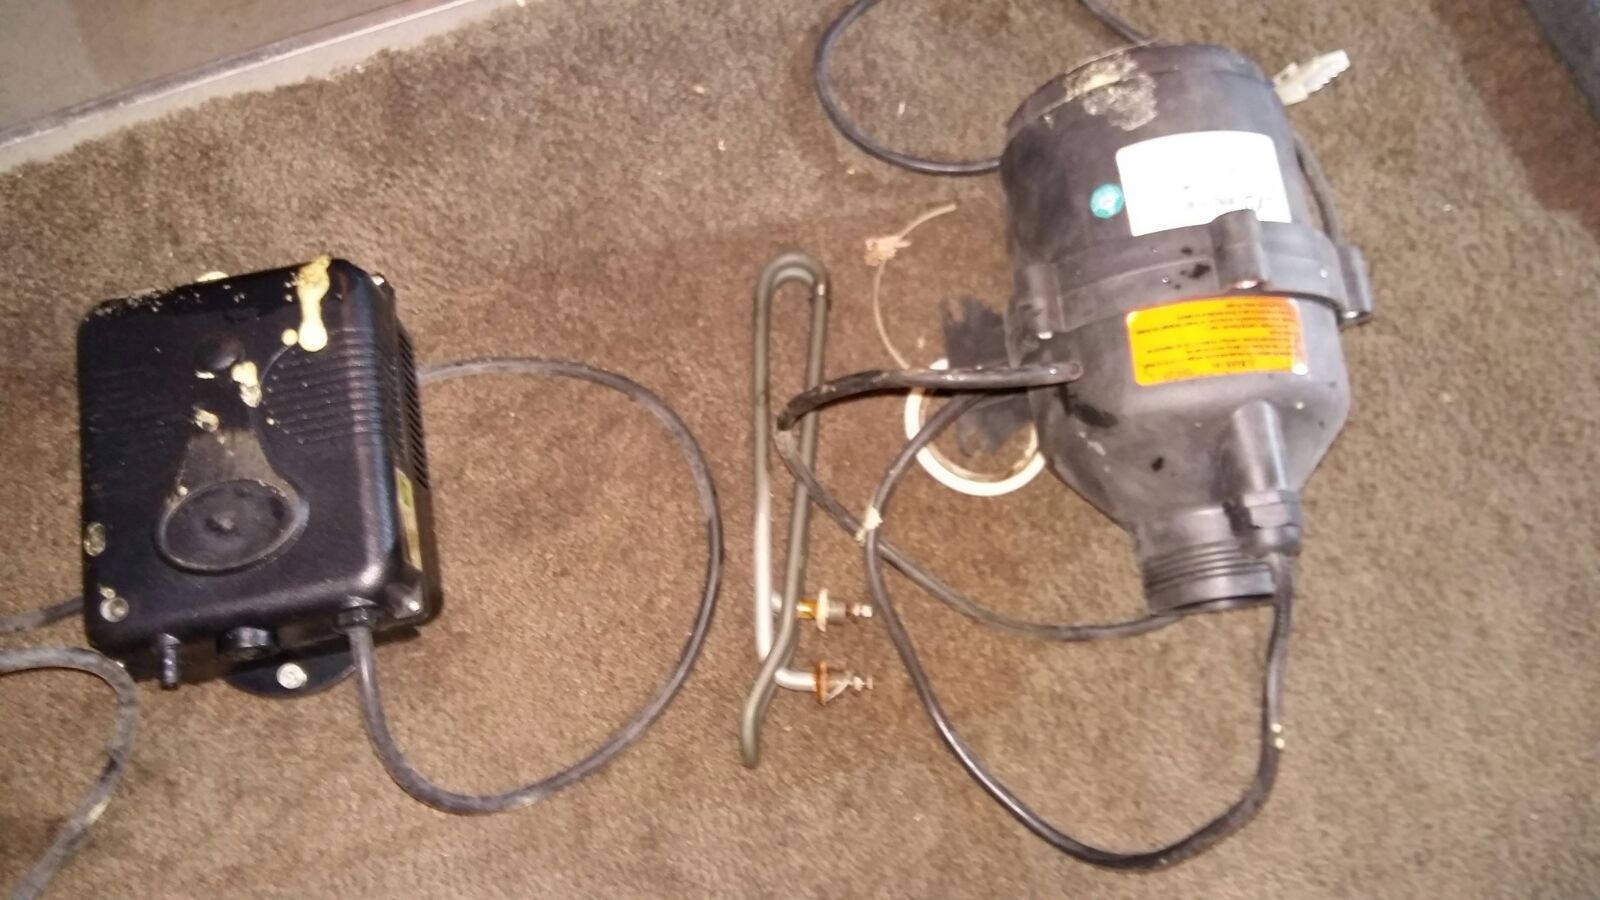 Verwarmingselement, blower en ozonator vervangen in een Sunspa in Zetten